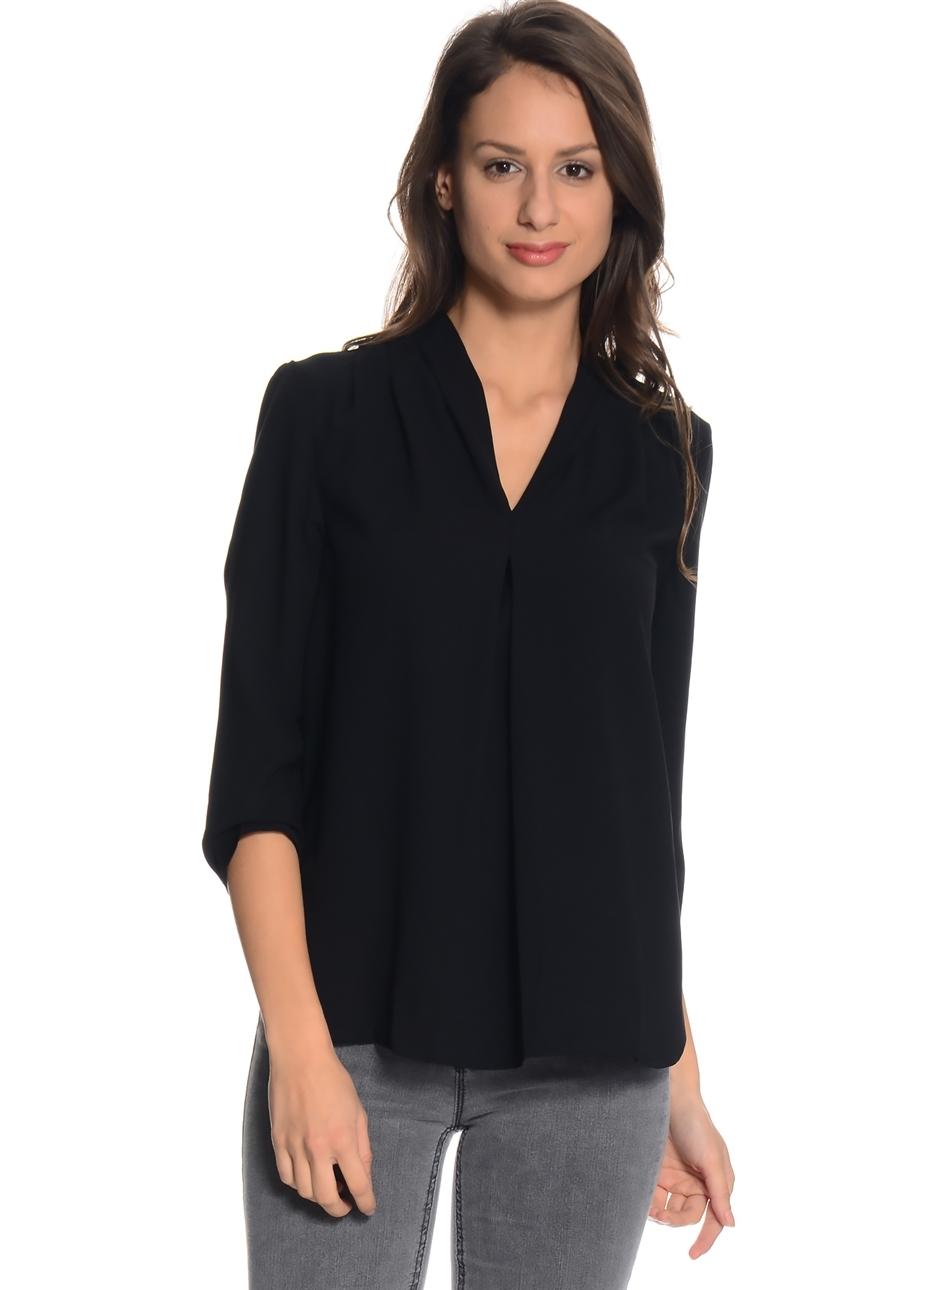 Vero Moda T-Shirt XS 5000140810004 Ürün Resmi